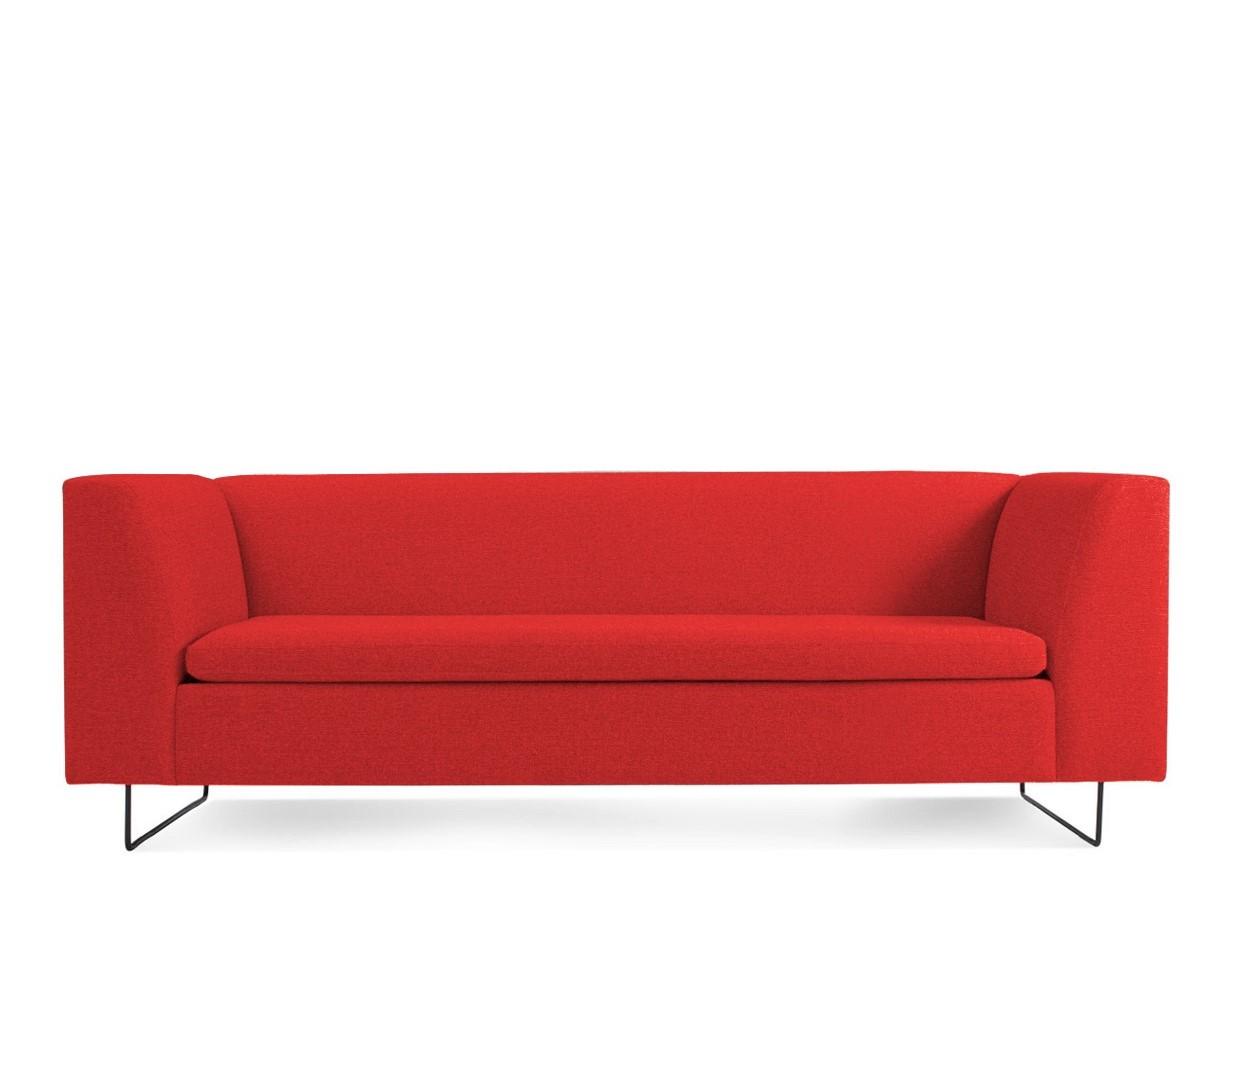 イロコデザインでレンタルできる3人掛けソファ